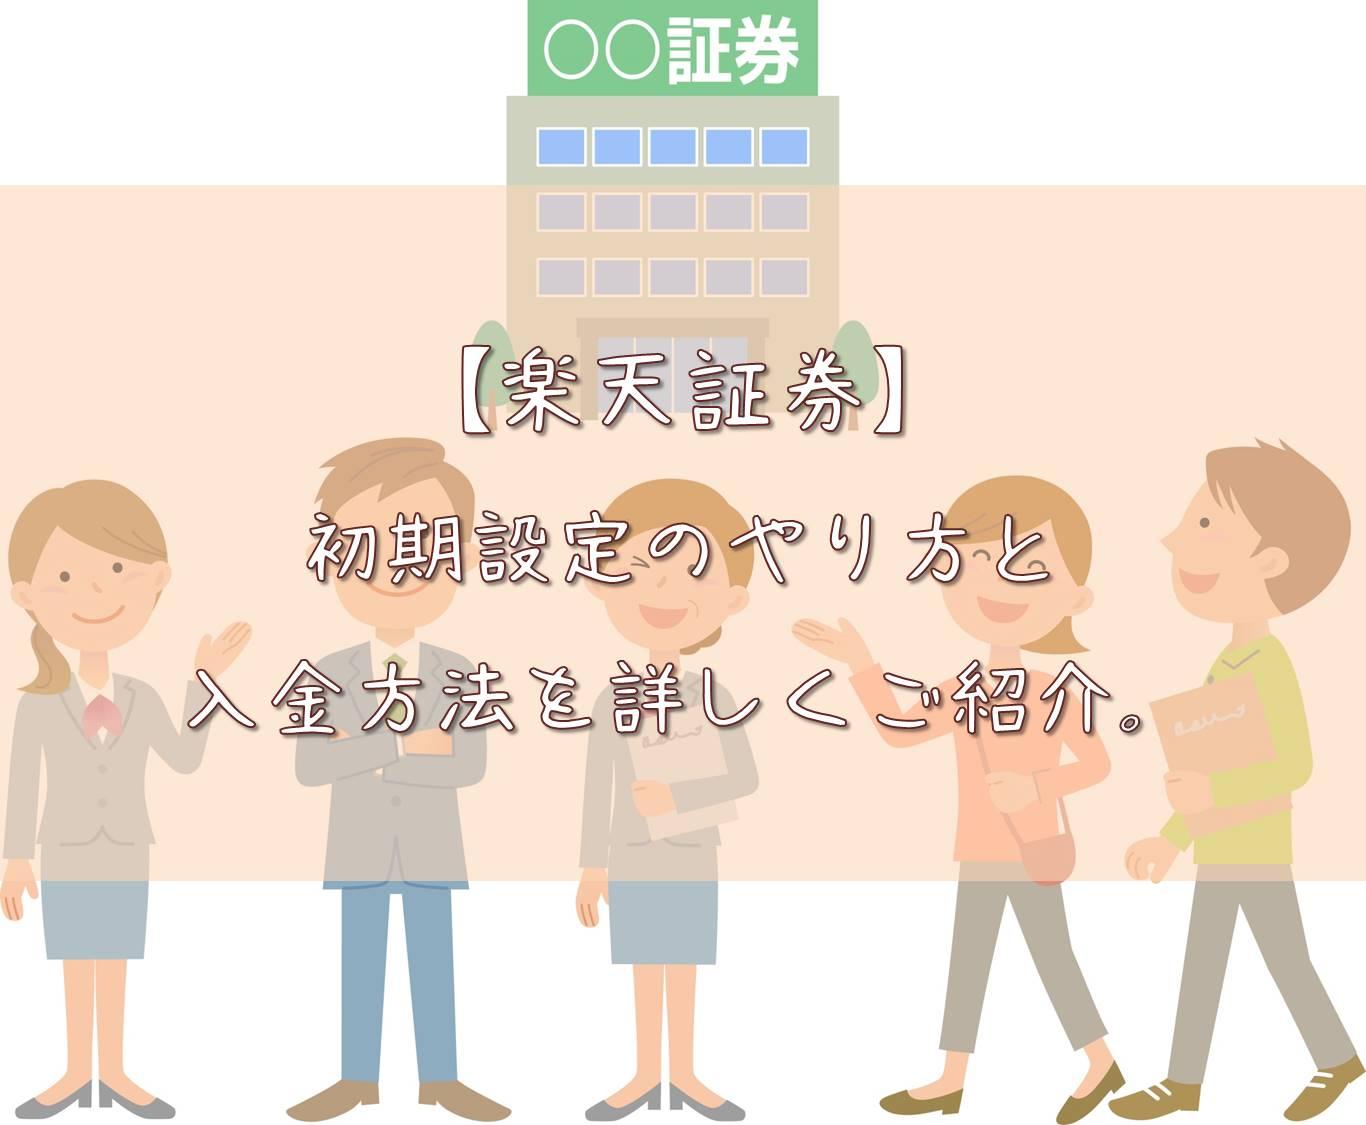 【楽天証券】初期設定のやり方と入金方法について詳しくご紹介。